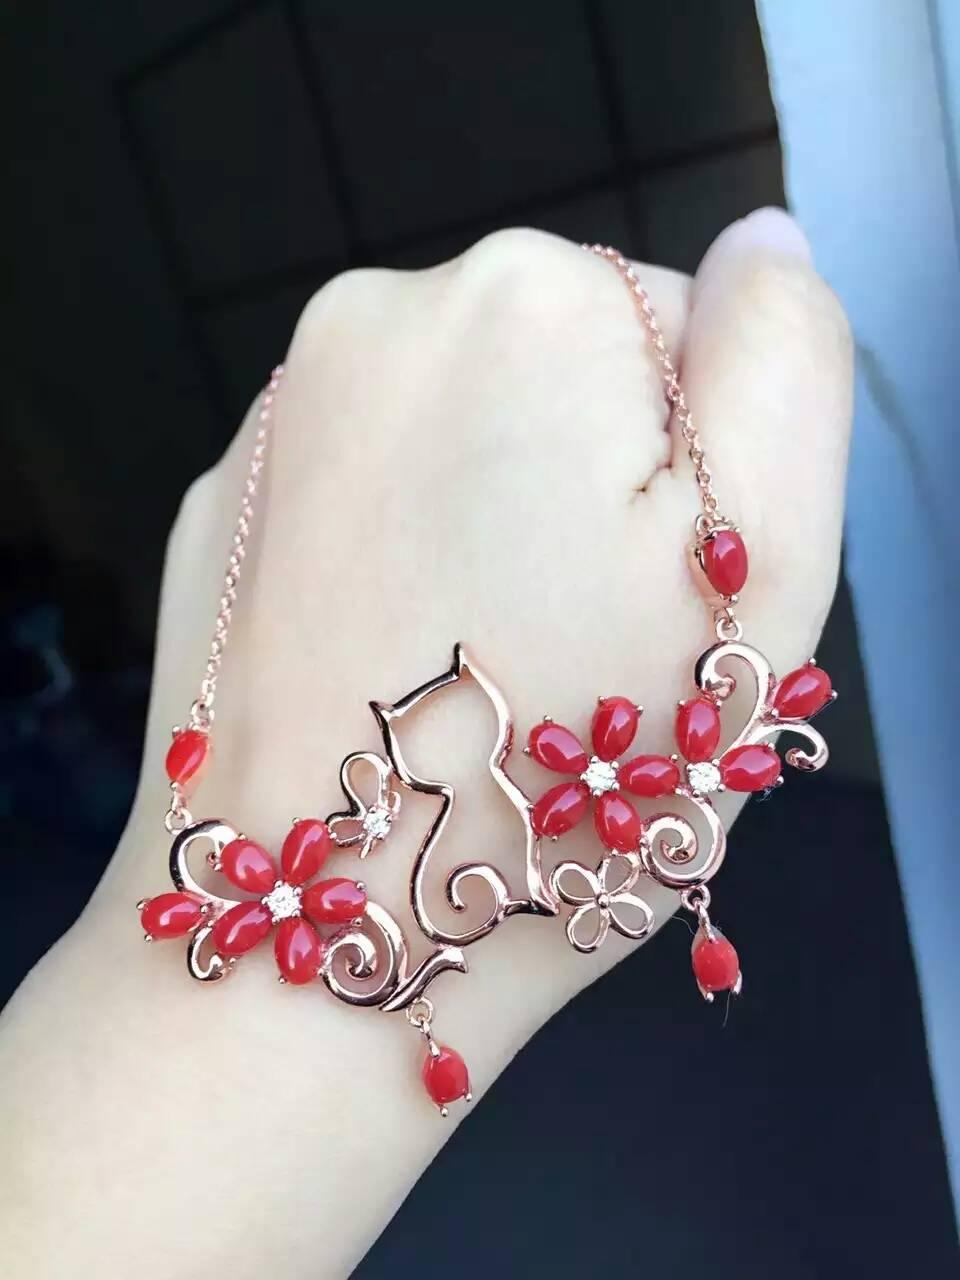 Collar de coral precioso rojo Natural colgante de piedras preciosas naturales Collar de plata S925 elegante jardín gato mujer joyería